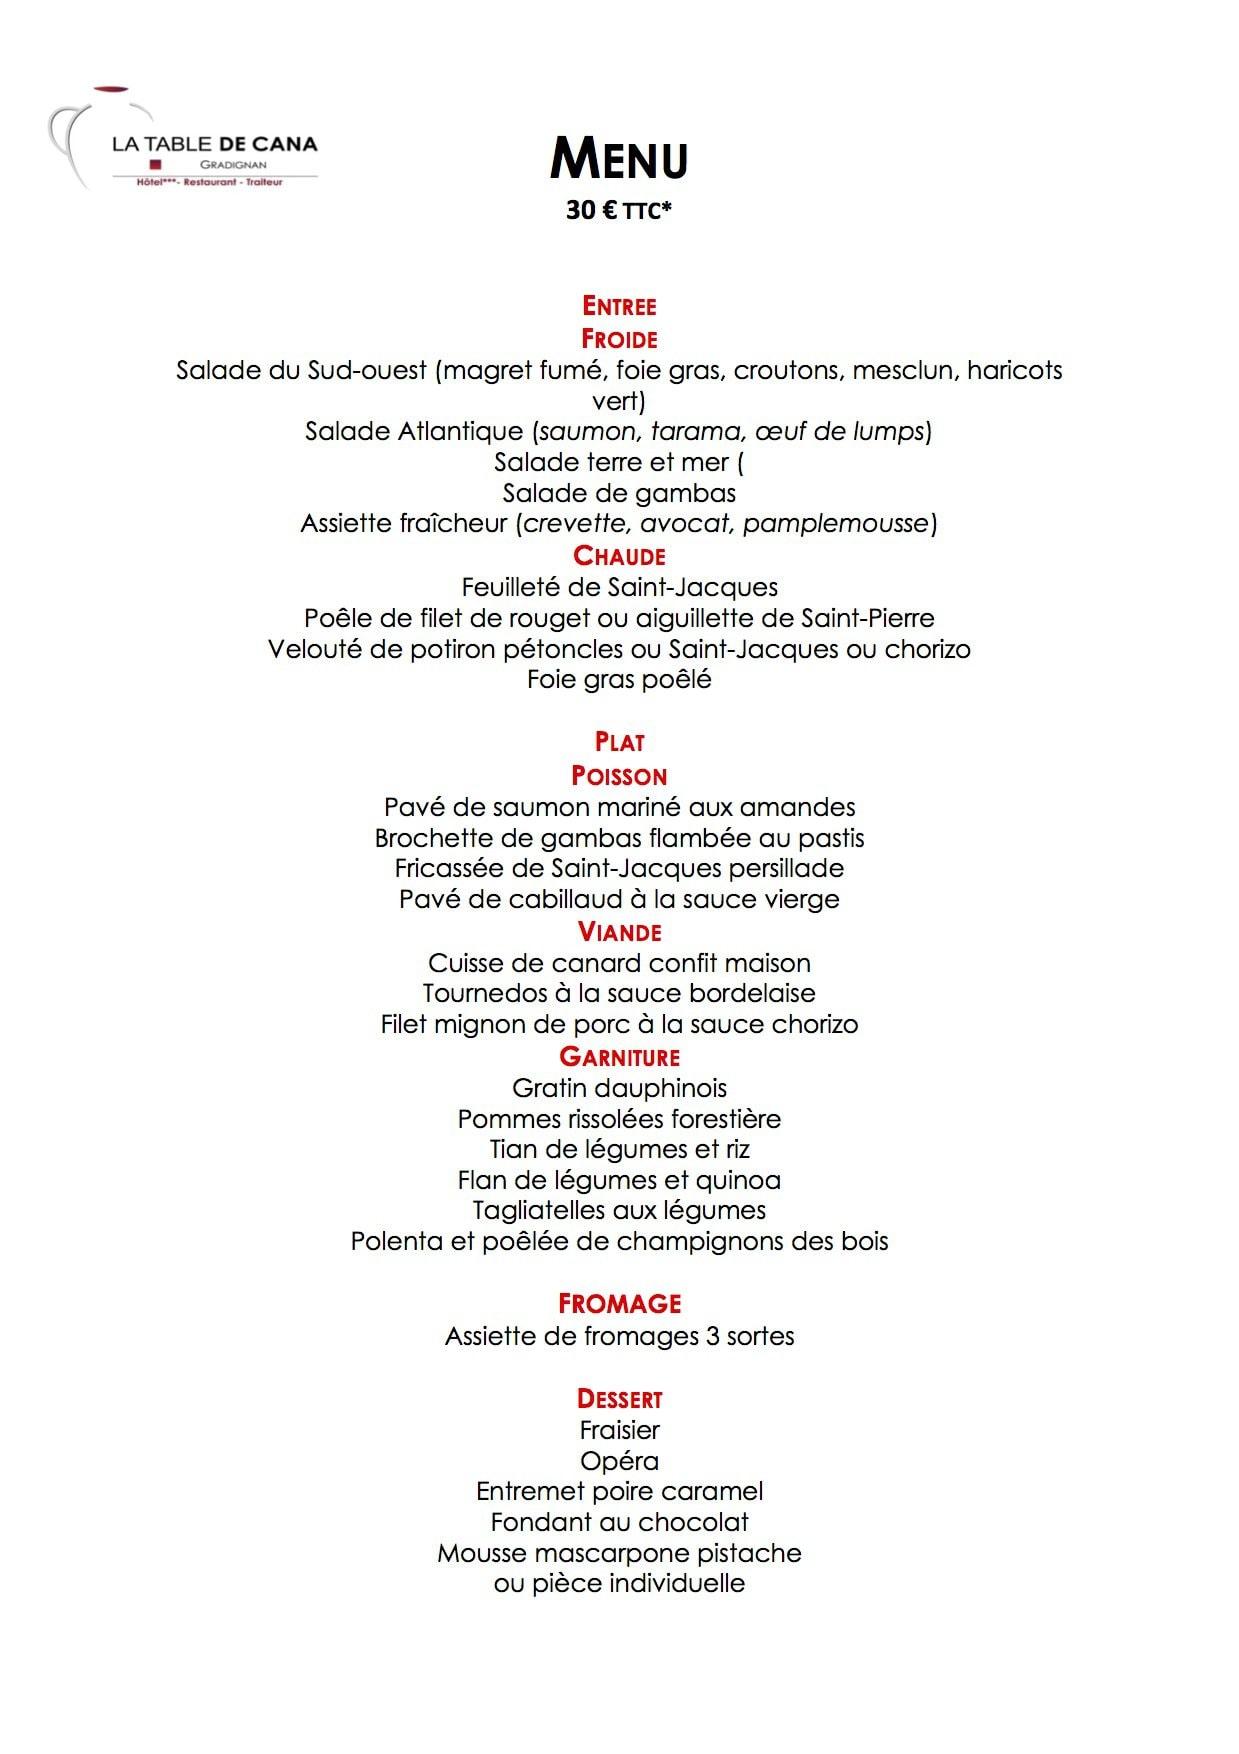 La table de cana gradignan carte menu et photos - Hotel la table de cana gradignan ...